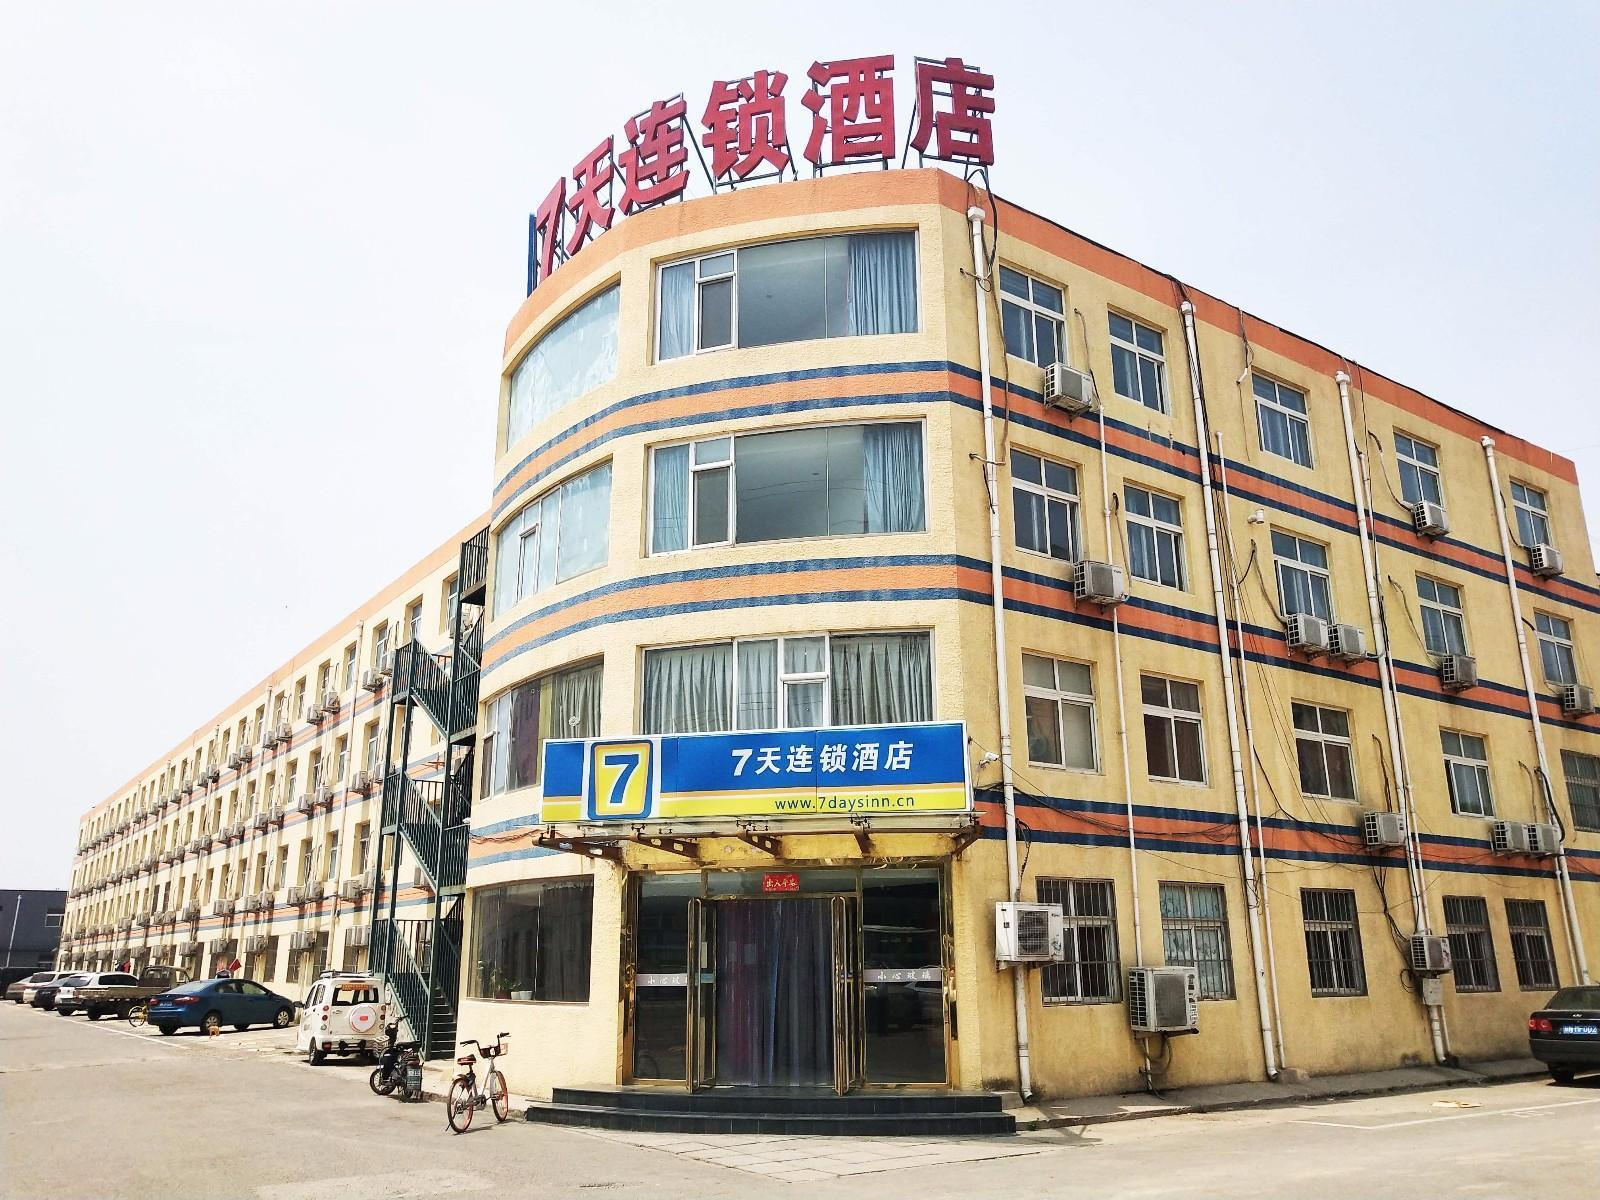 7Days Inn Beijing Yizhuang Bridge